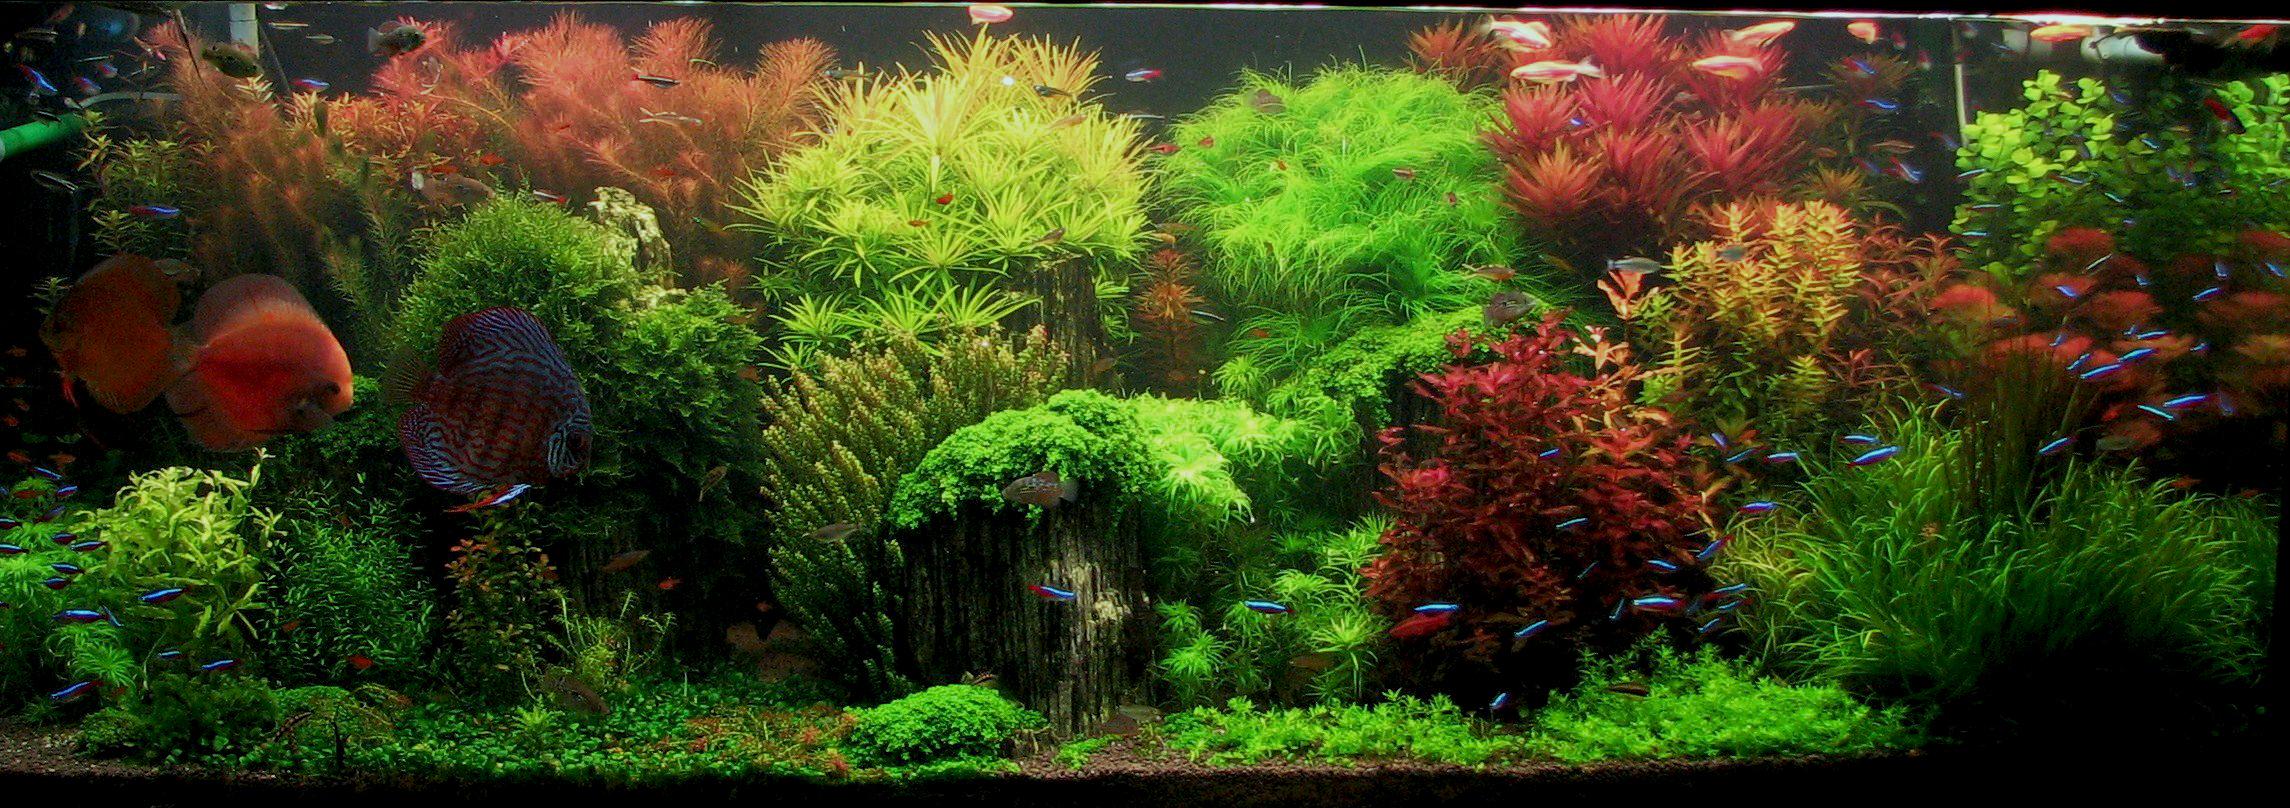 Свет в аквариуме с растениями.